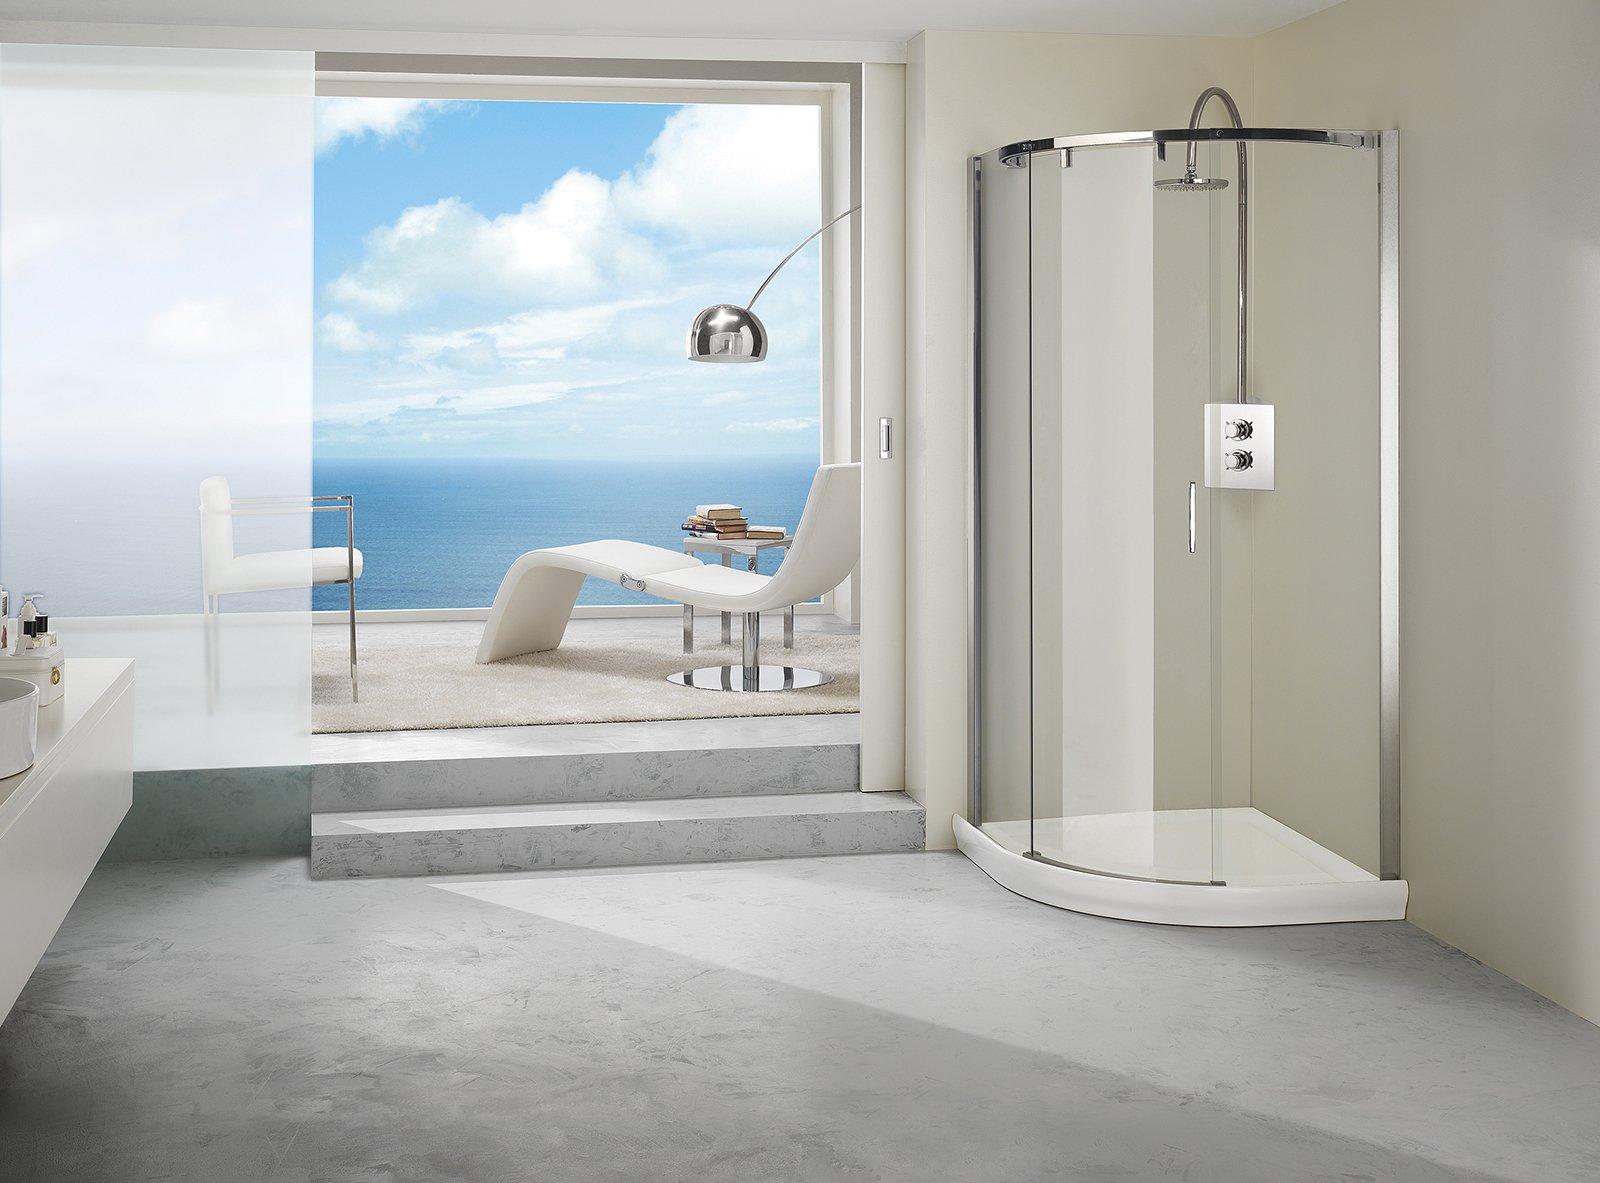 Docce doccia moderna di design n with docce docce e - Linea bagno thun ...